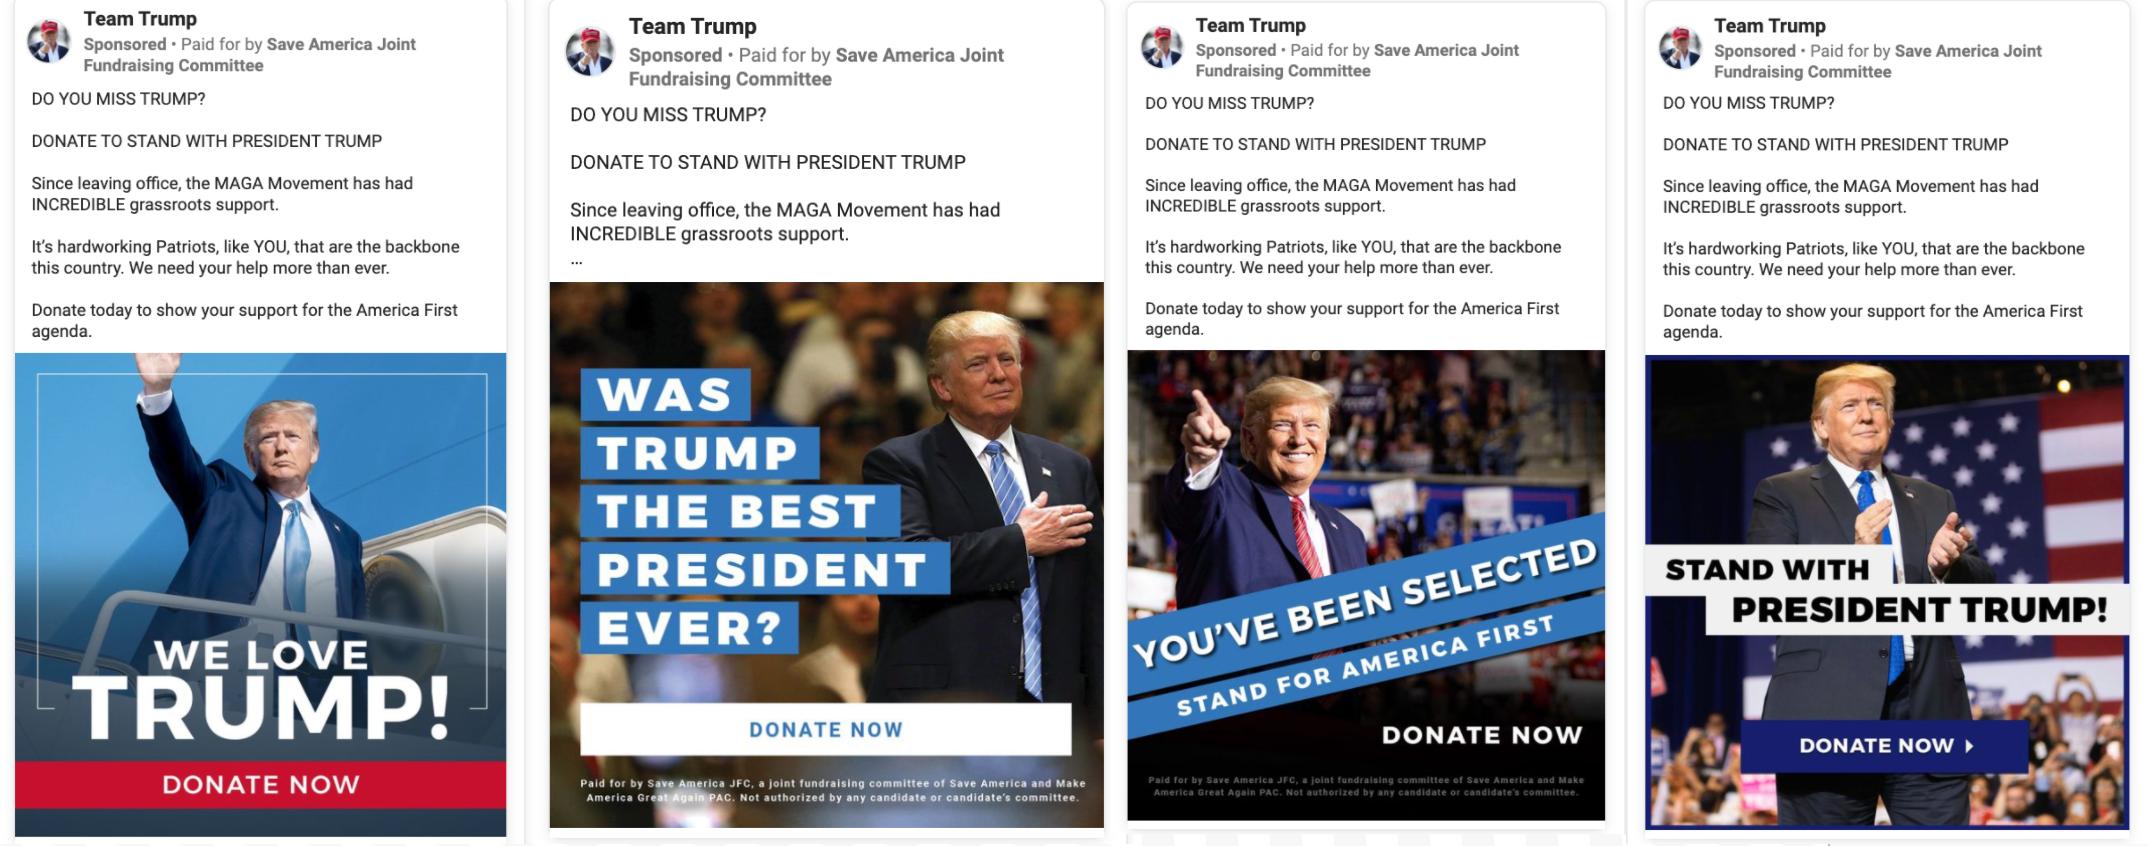 Team Trump Facebook pro-Trump fundraising ads